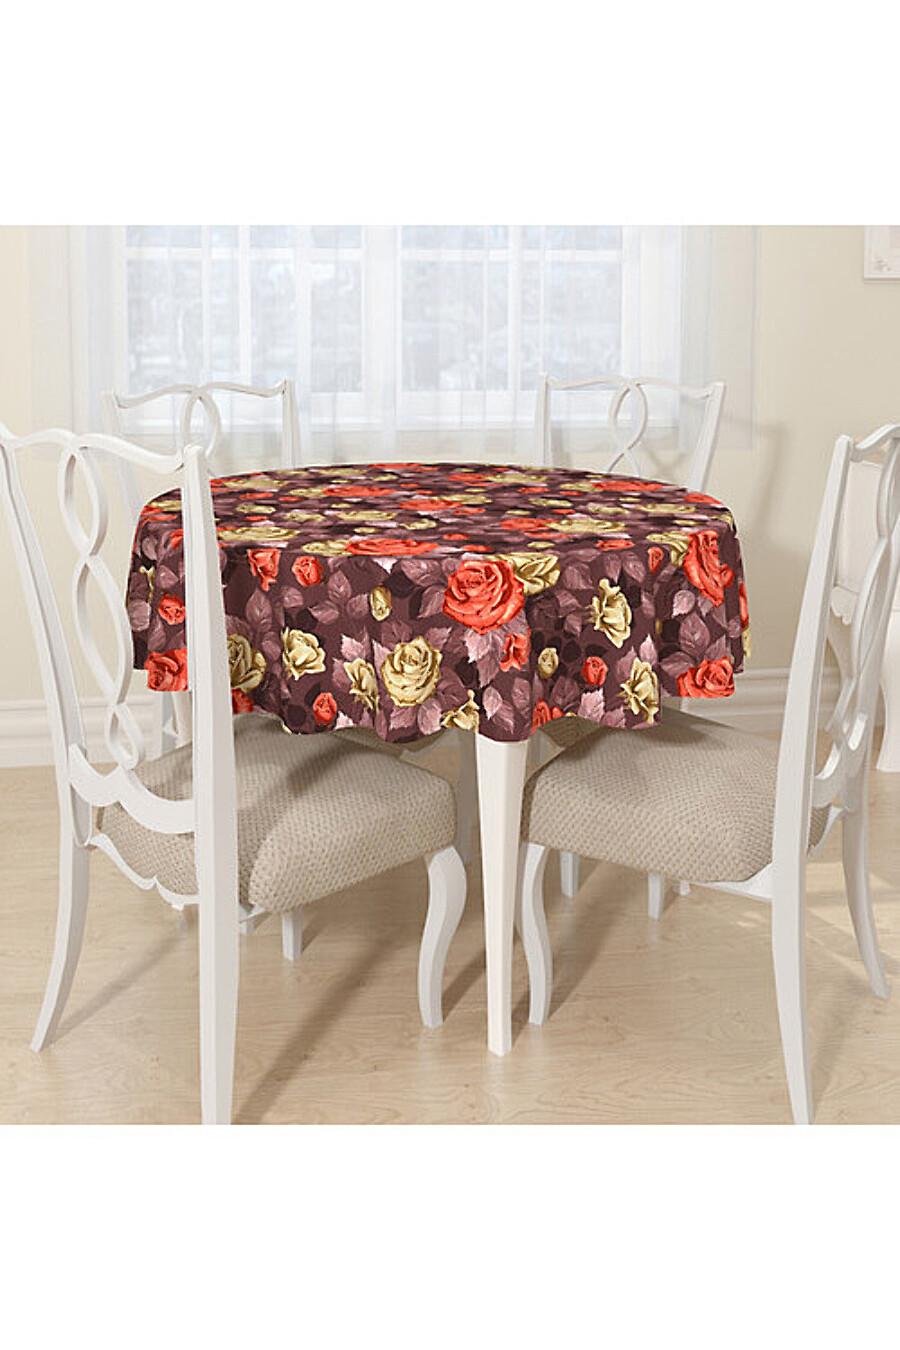 Скатерть для дома ART HOME TEXTILE 180339 купить оптом от производителя. Совместная покупка товаров для дома в OptMoyo